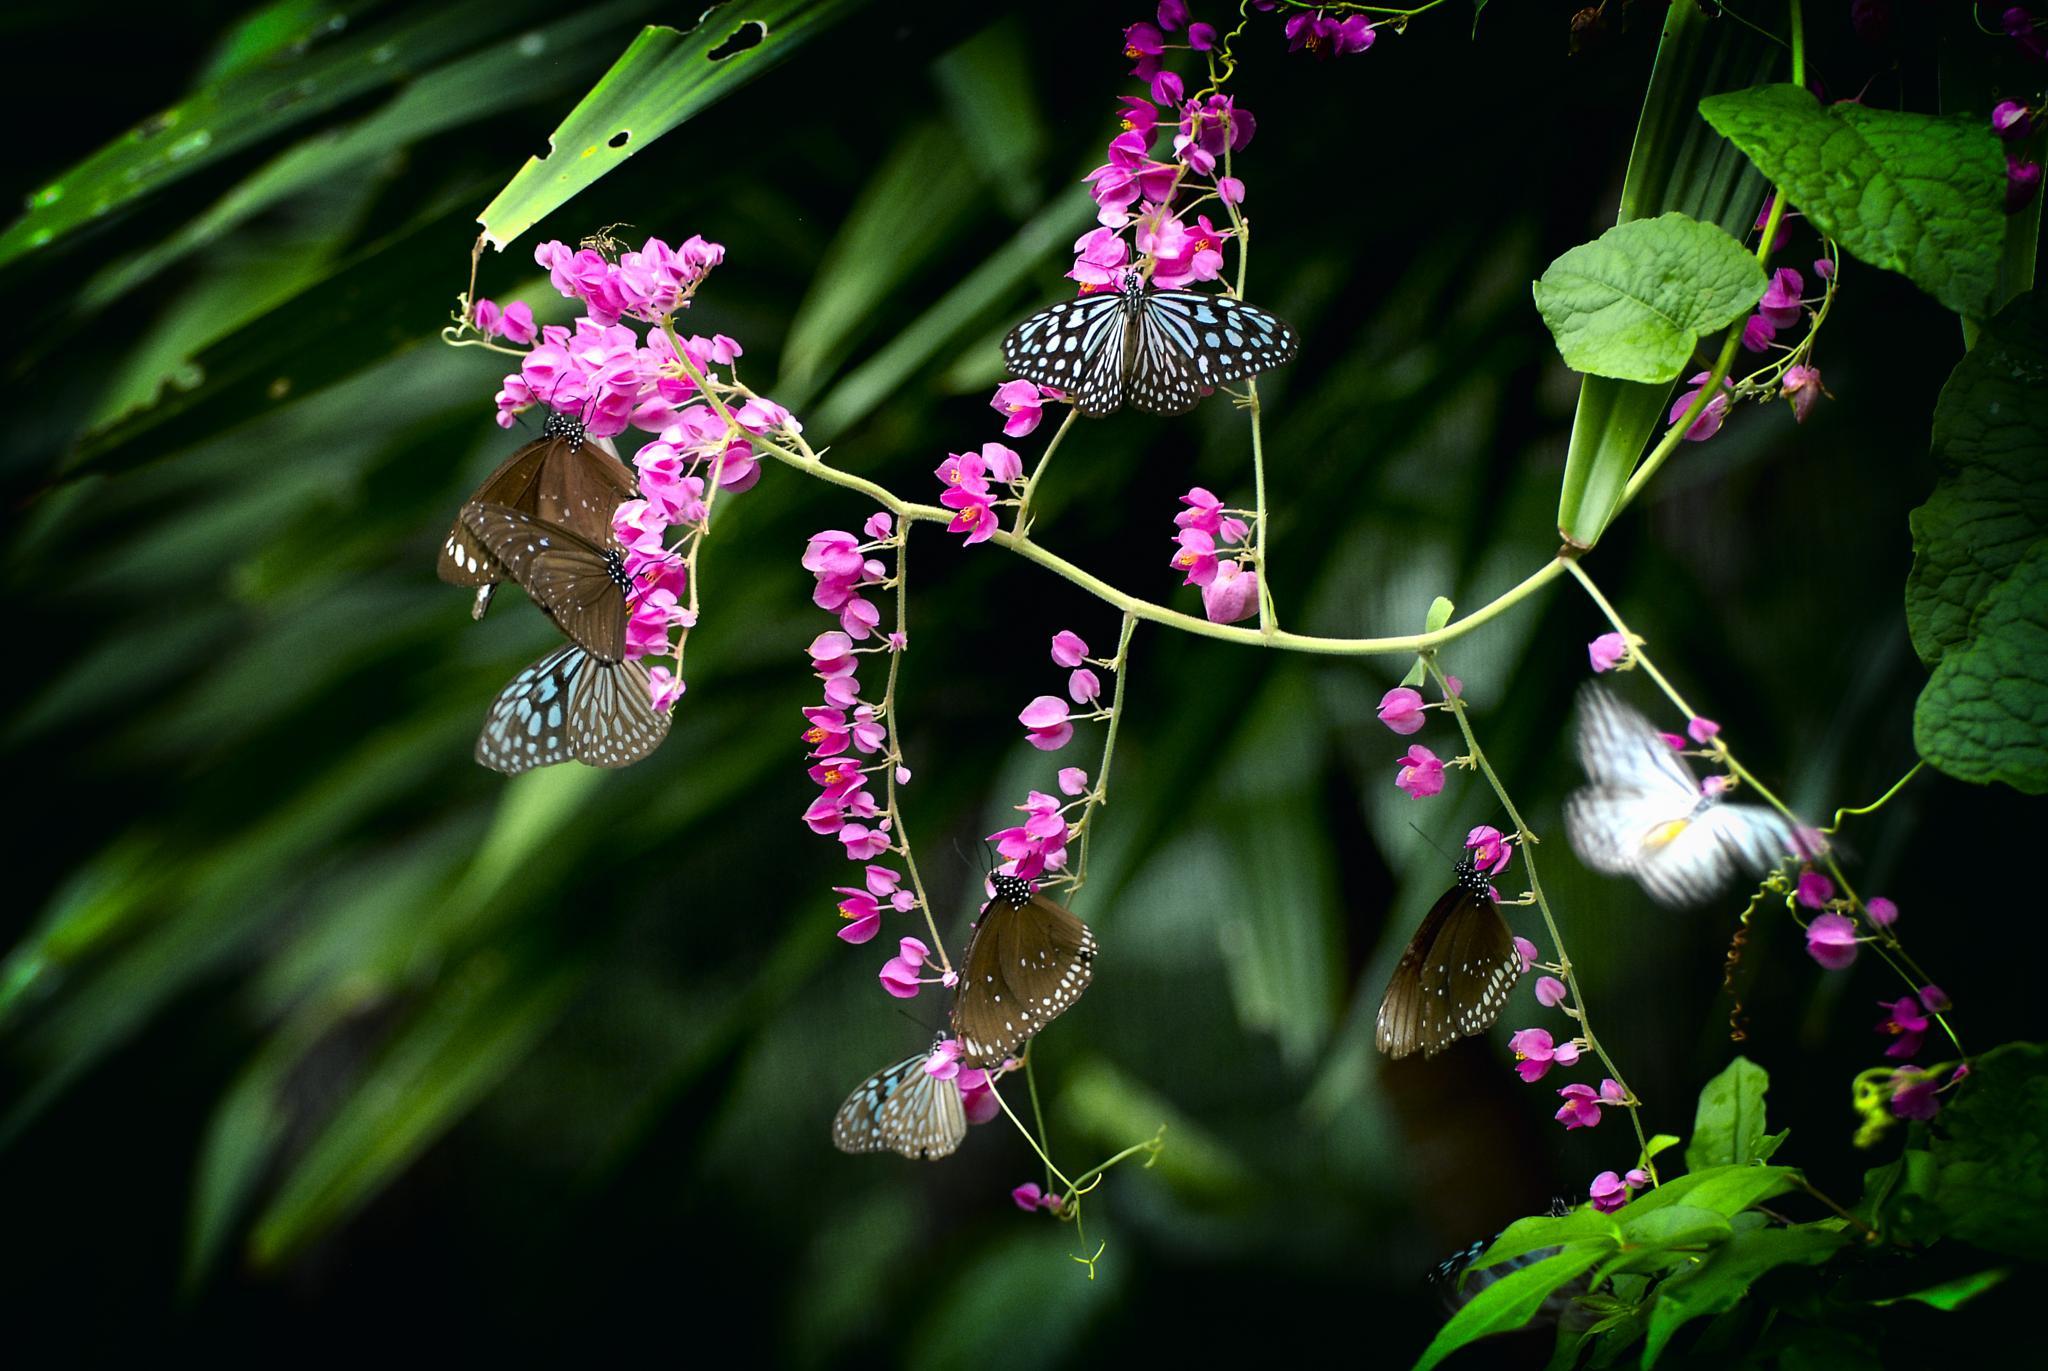 Butterflies by juergenfreymann